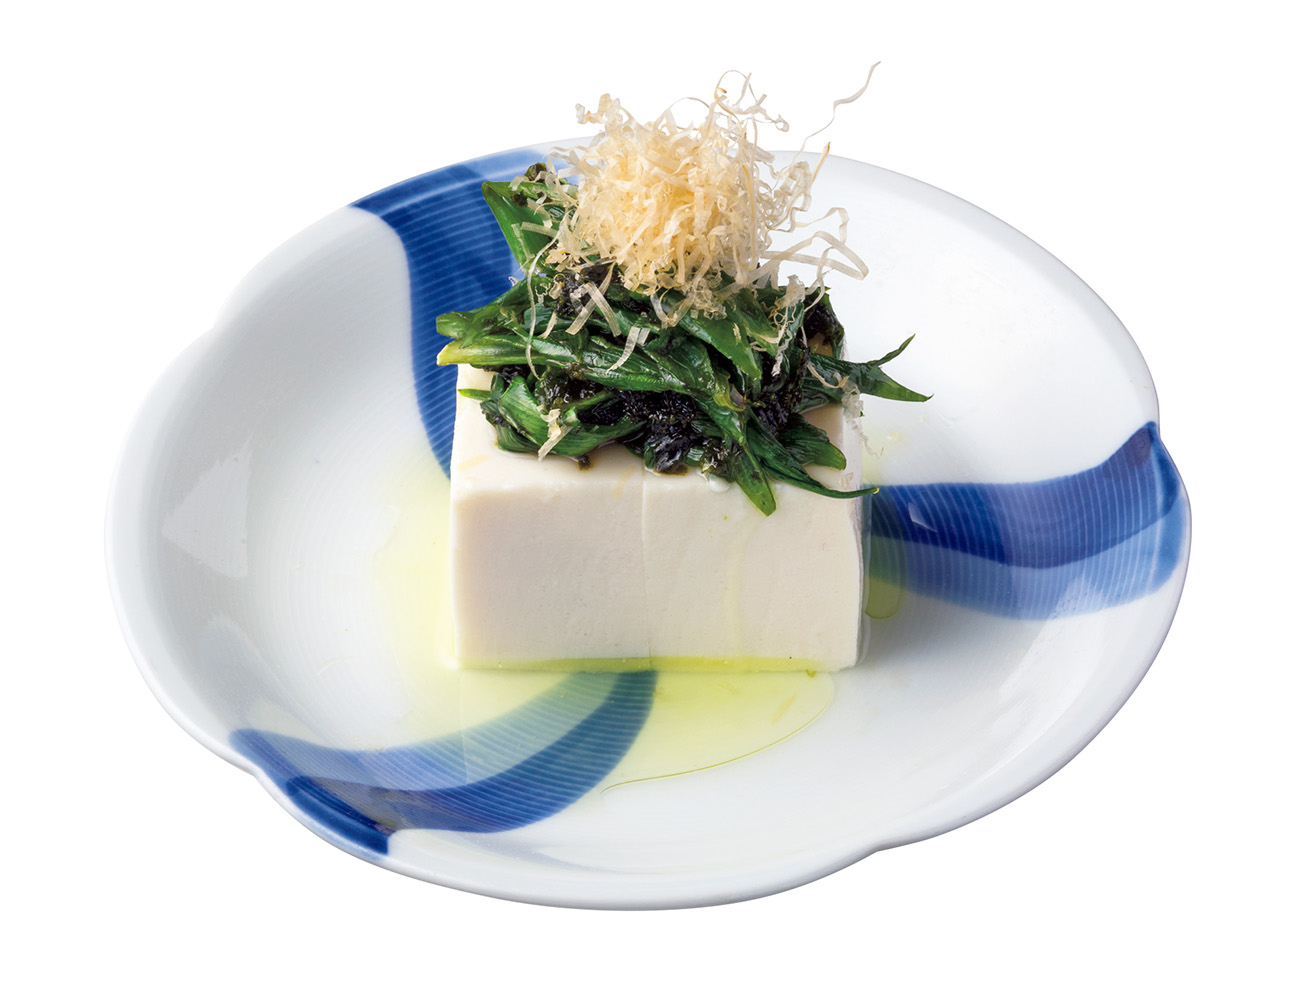 九条葱とあおさのり冷奴¥660は〈KAN〉の定番「じゃこねぎ豆腐」が下敷きに。